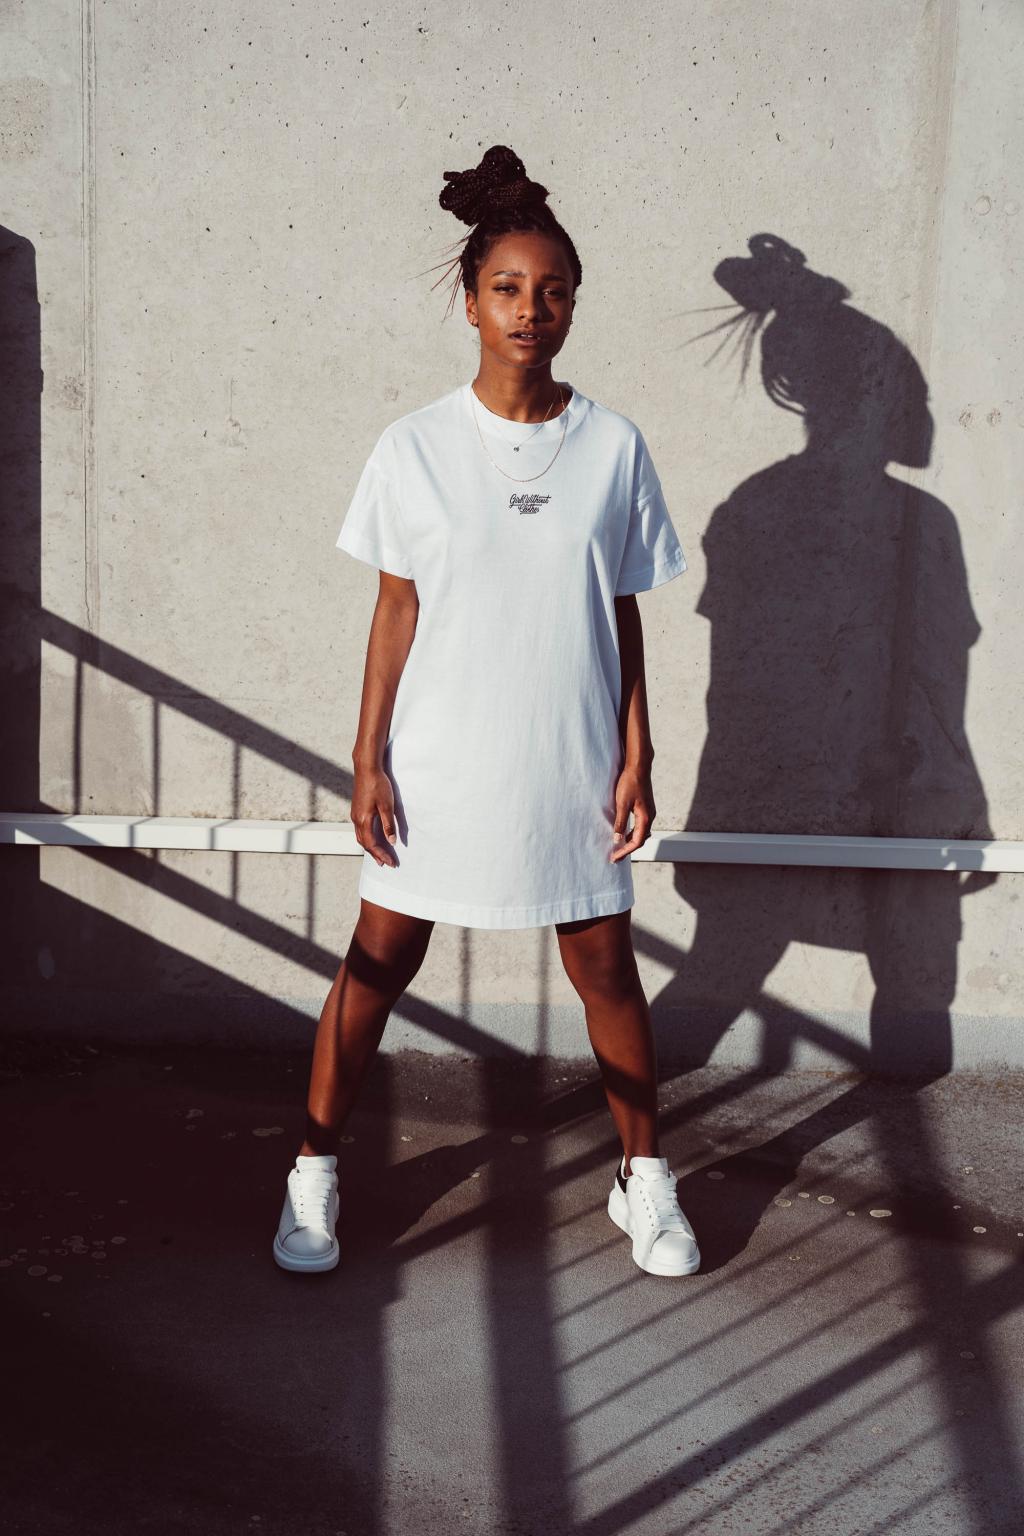 Krátké bílé trikošaty malá typo